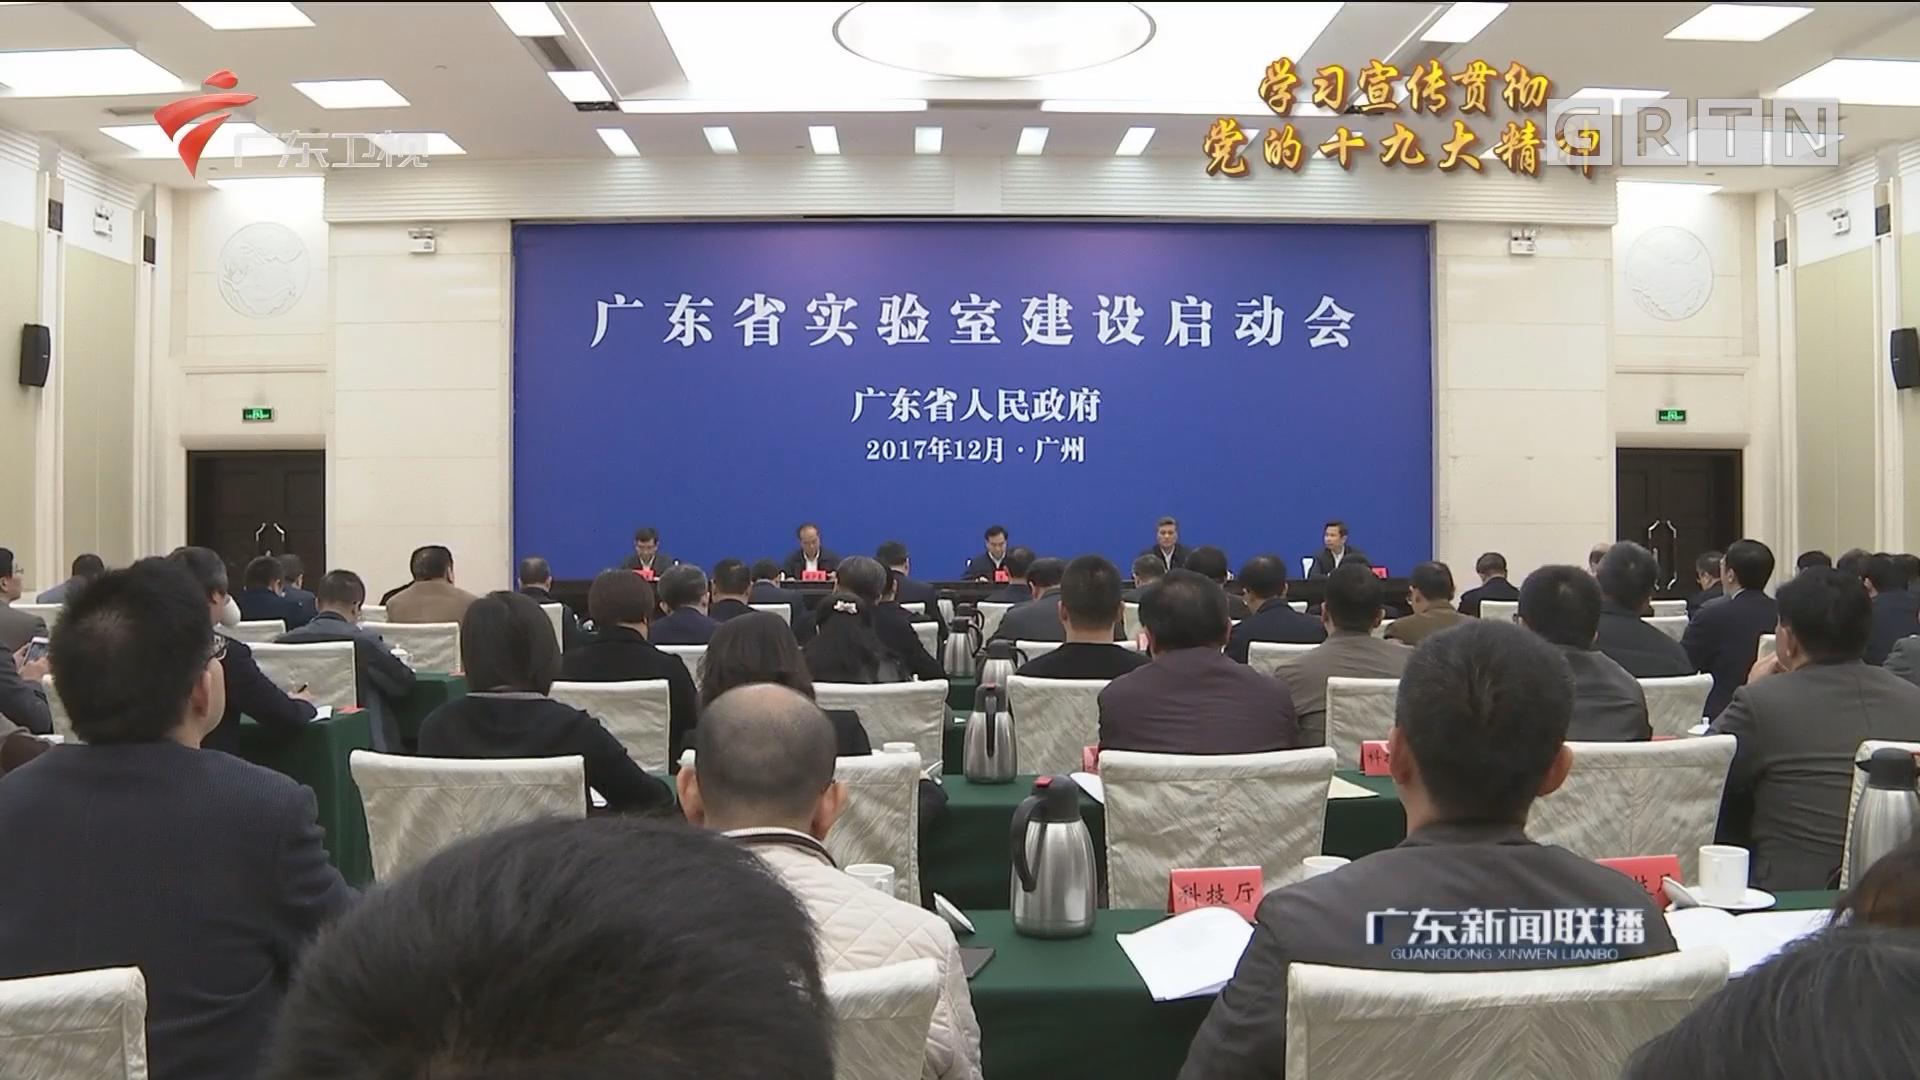 广东启动建设首批省实验室 李希马兴瑞为实验室授牌